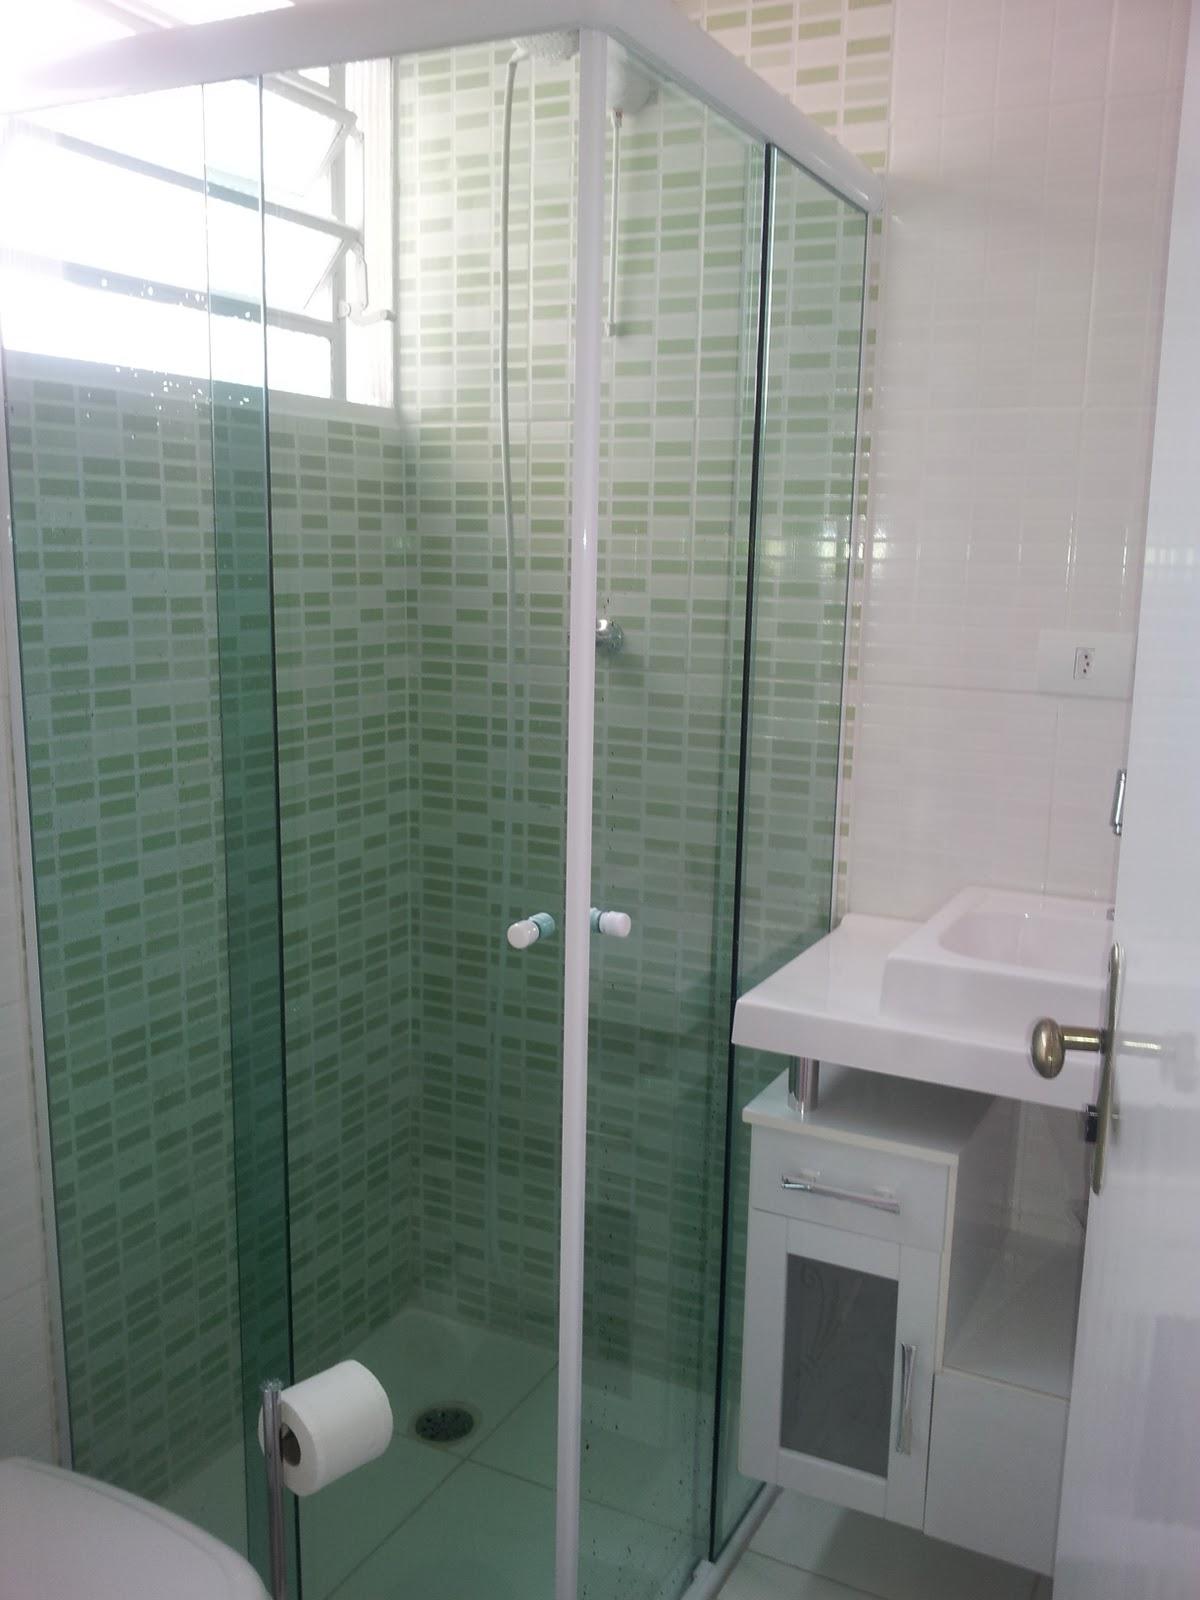 Imagens de #465B4D box é de vidro verde o revestimento na parte de dentro é verde e  1200x1600 px 3484 Blindex Para Banheiro Rj